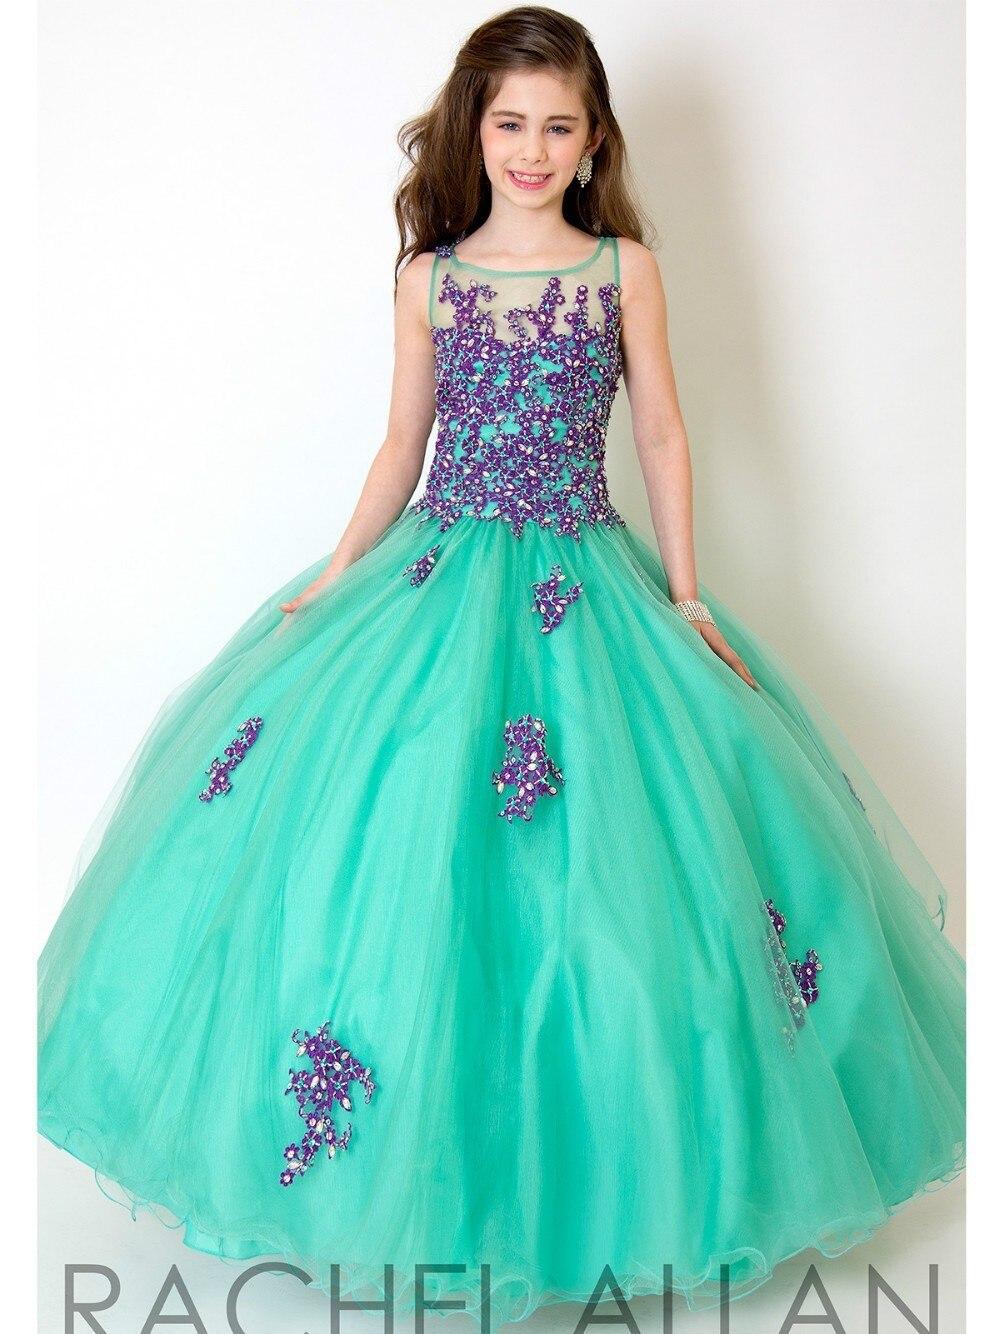 Детская одежда принцессы для девочек костюм для девочки пайетки праздничное платье принцессы дети детская одежда платье Золушки малыша